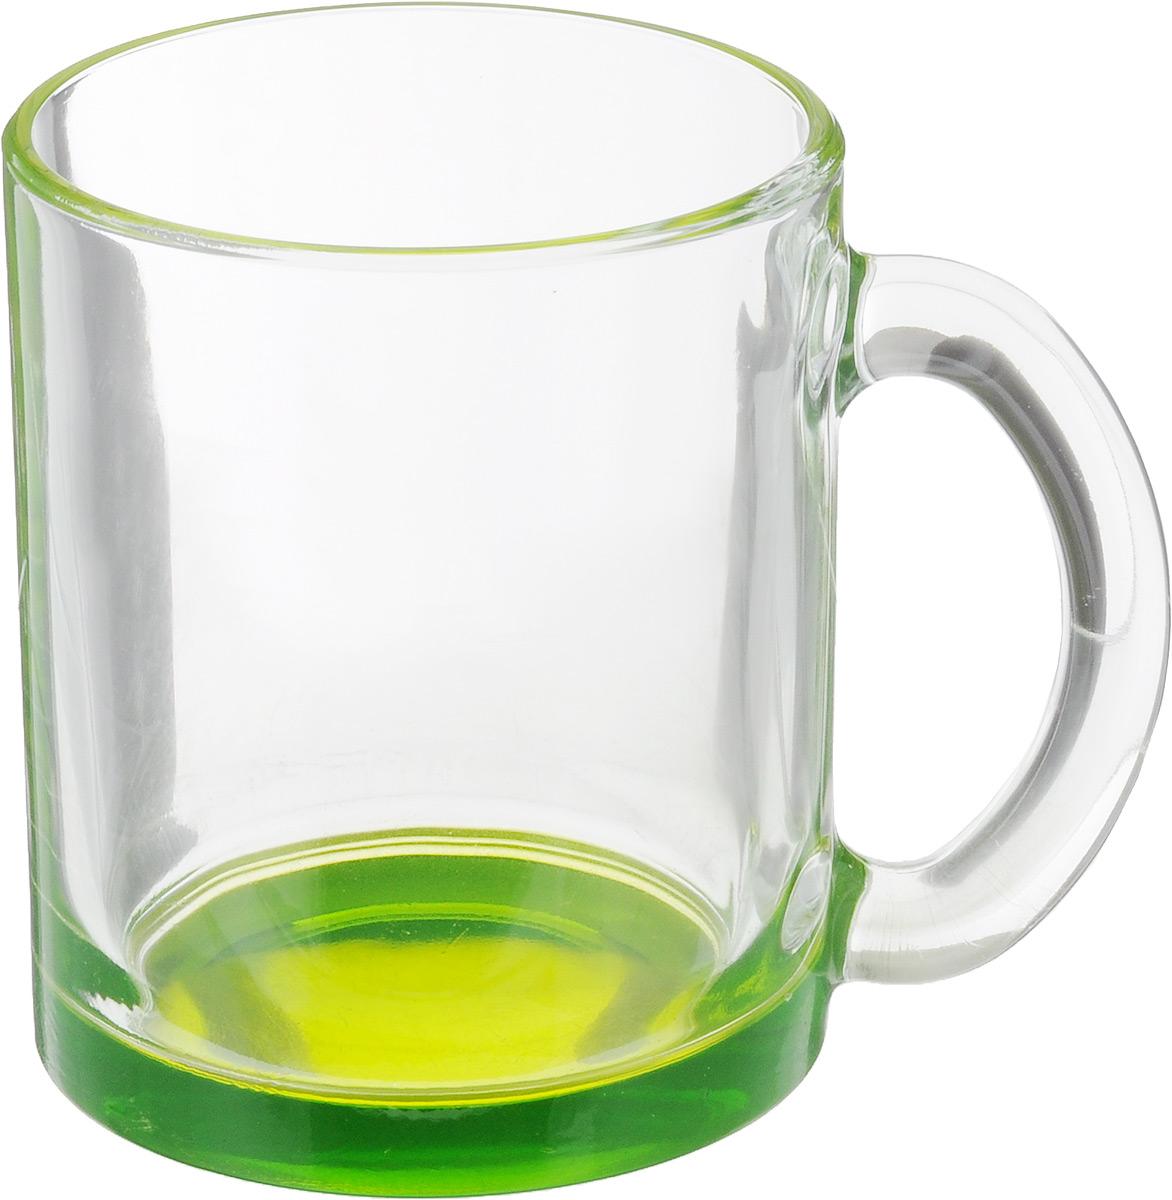 Кружка OSZ Чайная, цвет: прозрачный, зеленый, 320 млL2127Кружка OSZ Чайная изготовлена из стекла двух цветов. Изделие идеально подходит для сервировки стола.Кружка не только украсит ваш кухонный стол, но подчеркнет прекрасный вкус хозяйки. Диаметр кружки (по верхнему краю): 8 см. Высота кружки: 9,5 см. Объем кружки: 320 мл.